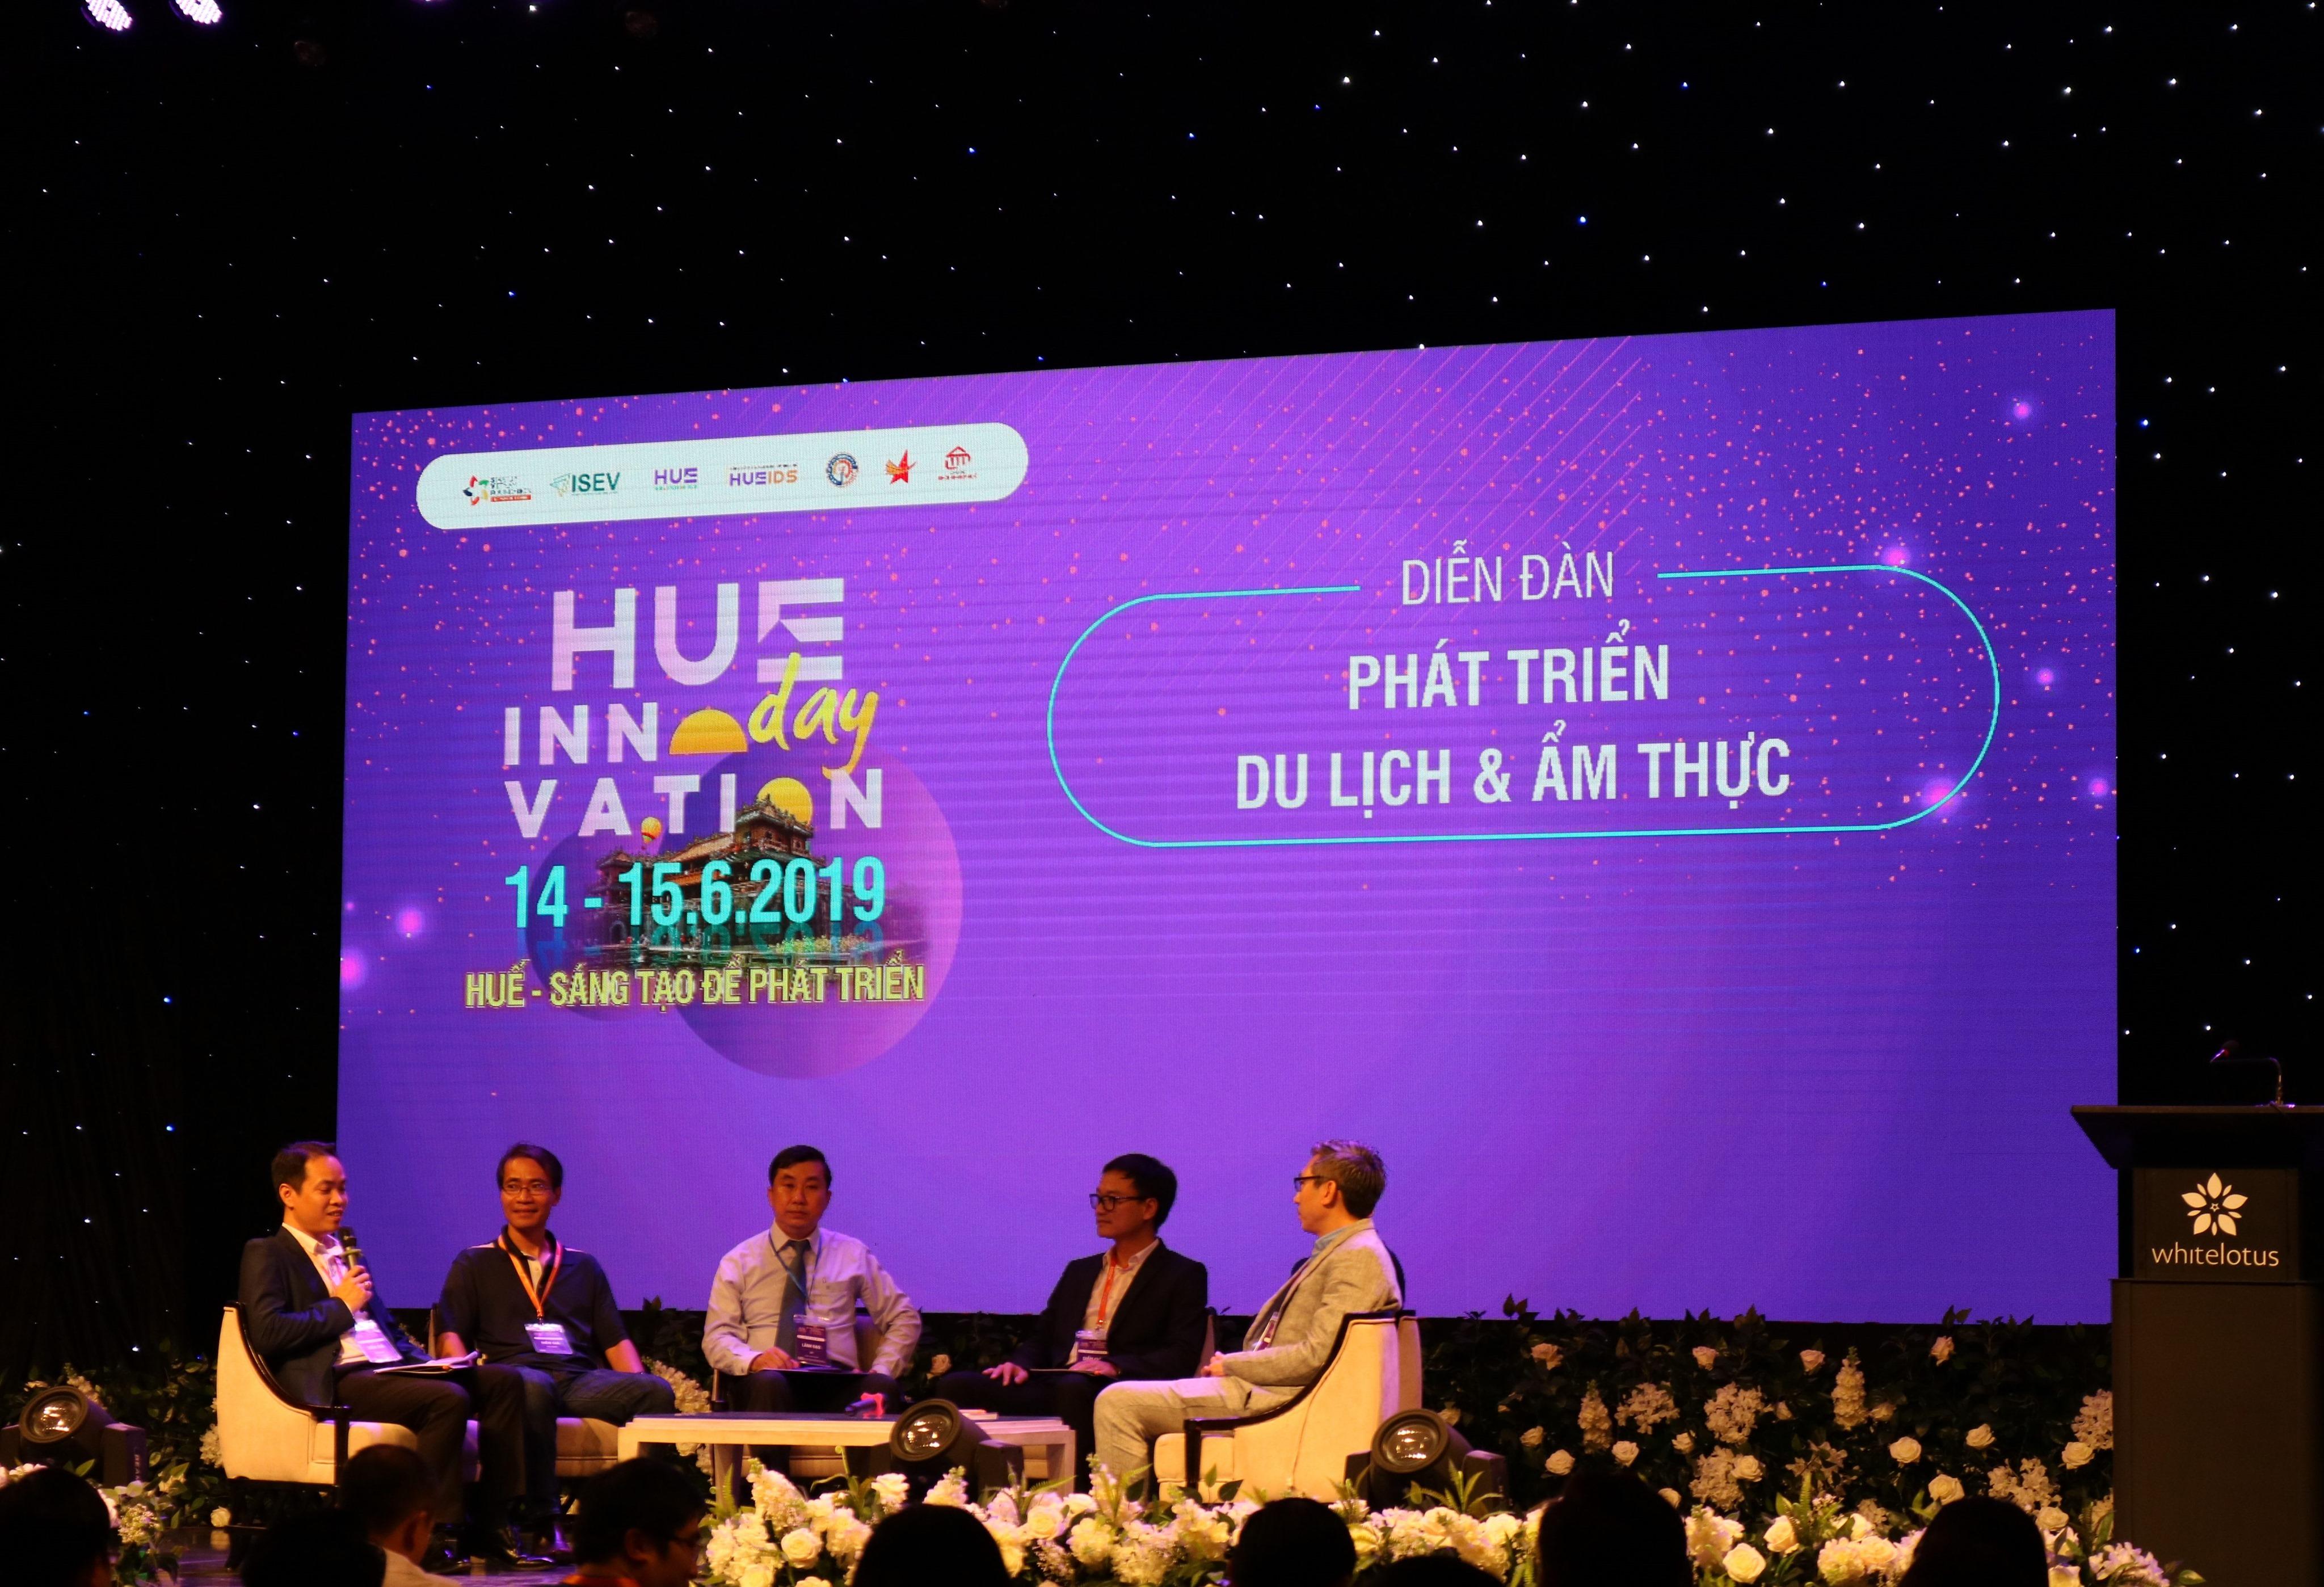 Diễn đàn Phát triển Du lịch & Ẩm thực trong chuỗi sự kiện Hue Innovation Day năm 2019